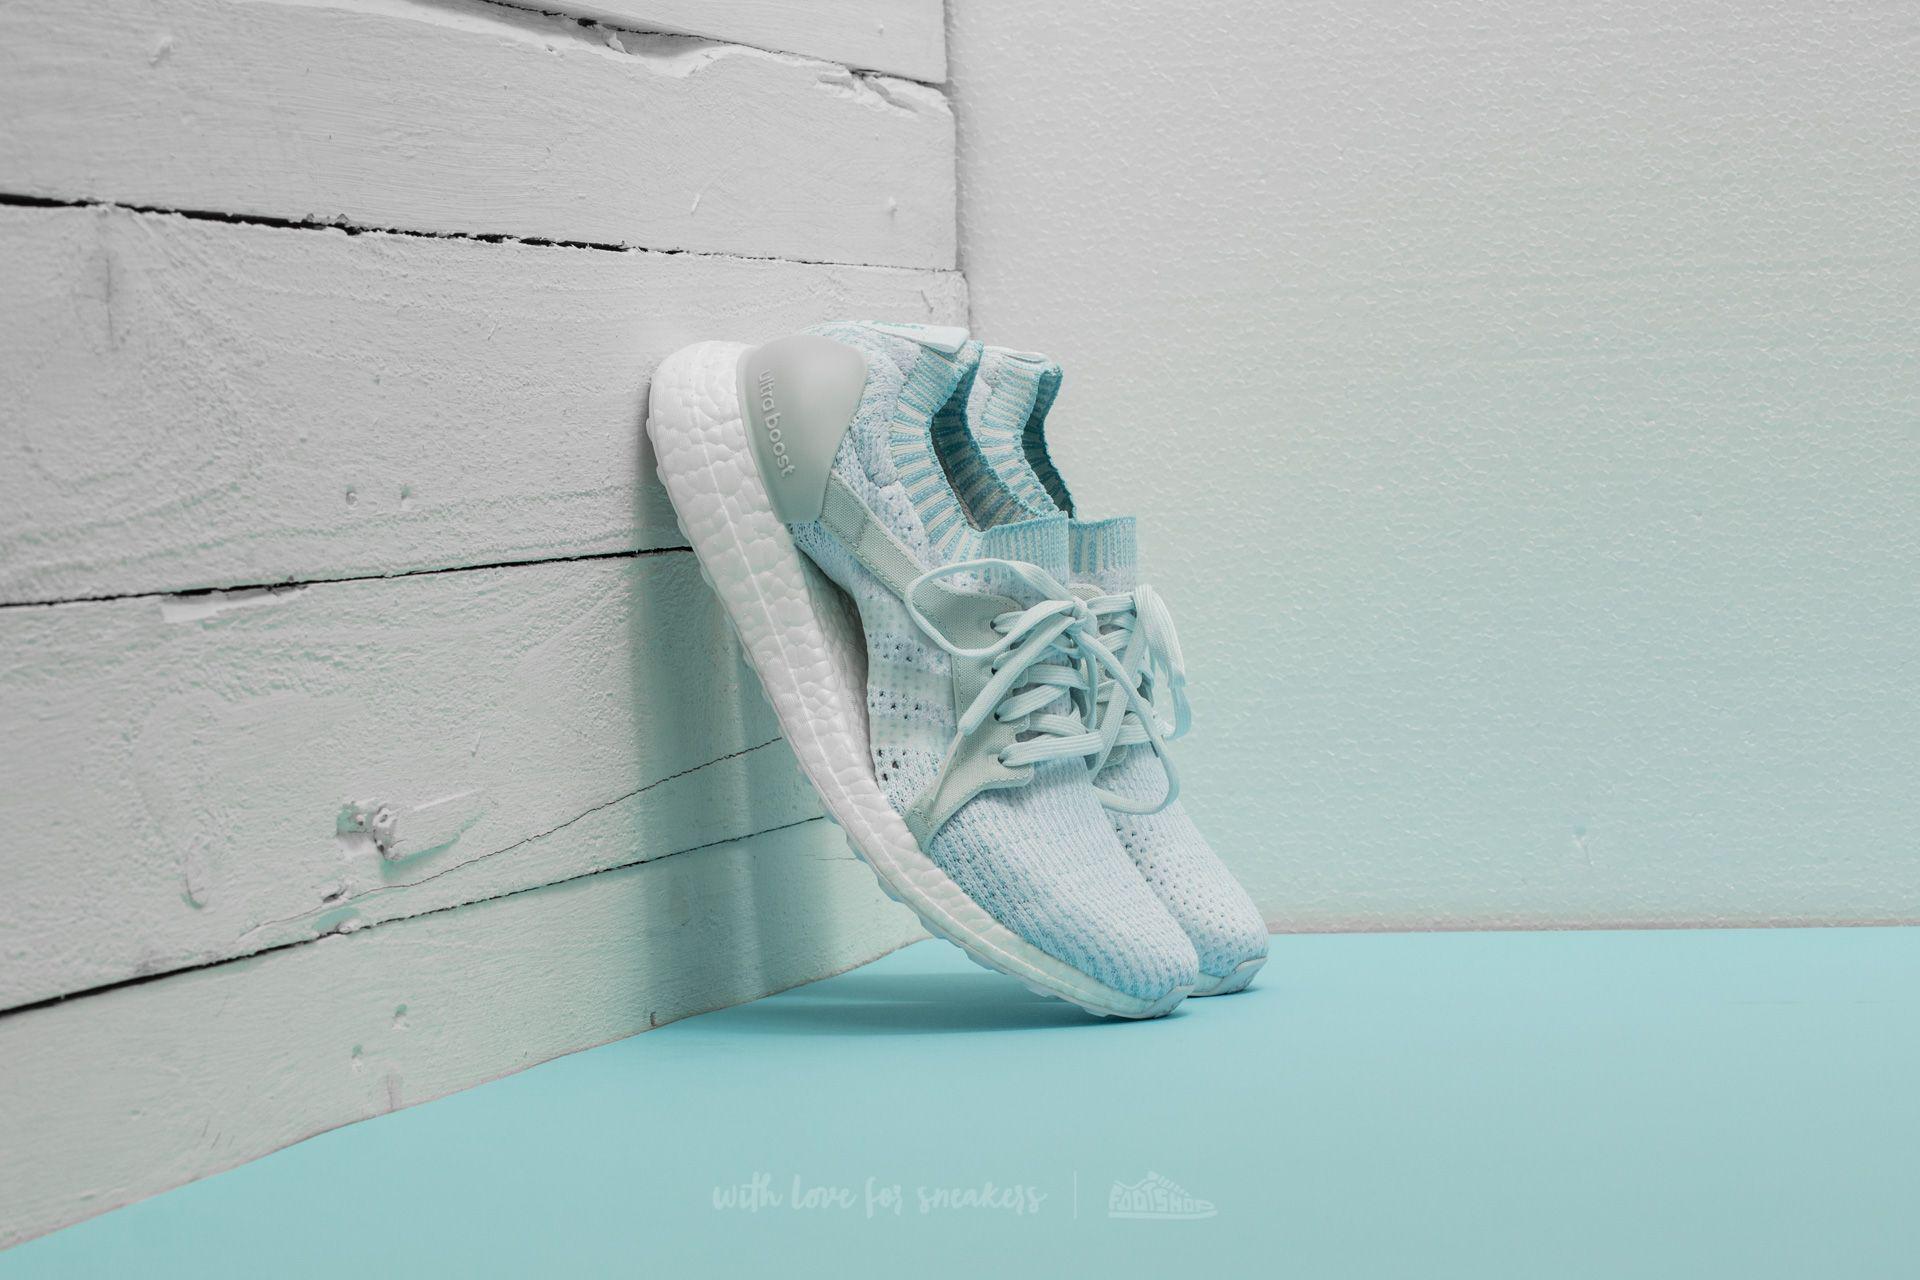 half off 9b0f0 429dc lyst footshop adidas x parley ultraboost lcey blu blu blu   ftw bianco  049bb4